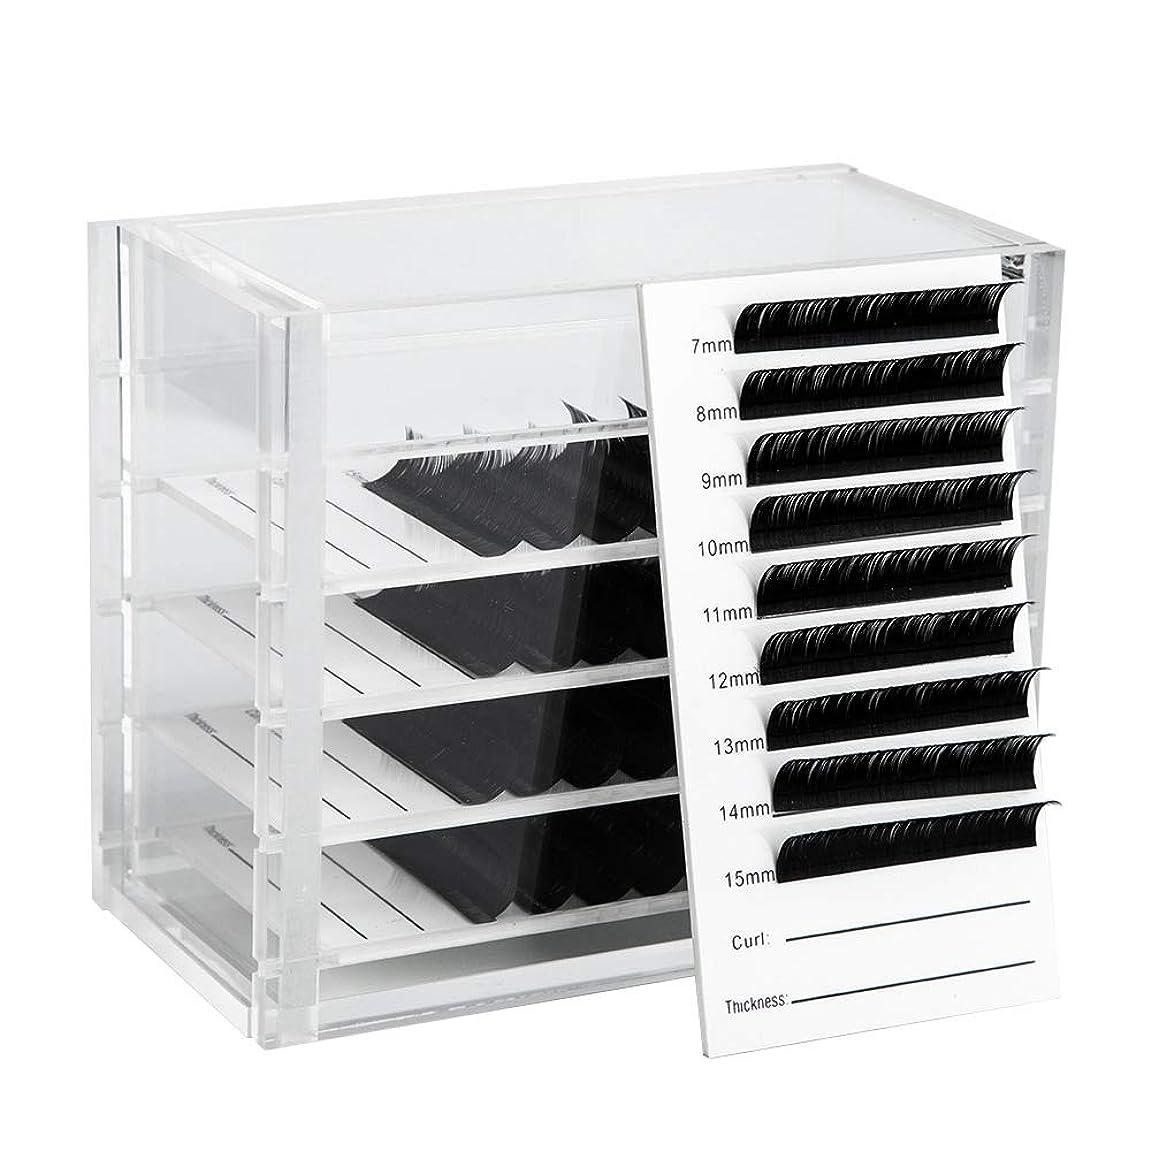 ところで逸脱コットンNrpfell クリア5層まつげ収納ボックス化粧オーガナイザーつけまつげ接着剤パレットホルダーグラフトまつげエクステメイクツール